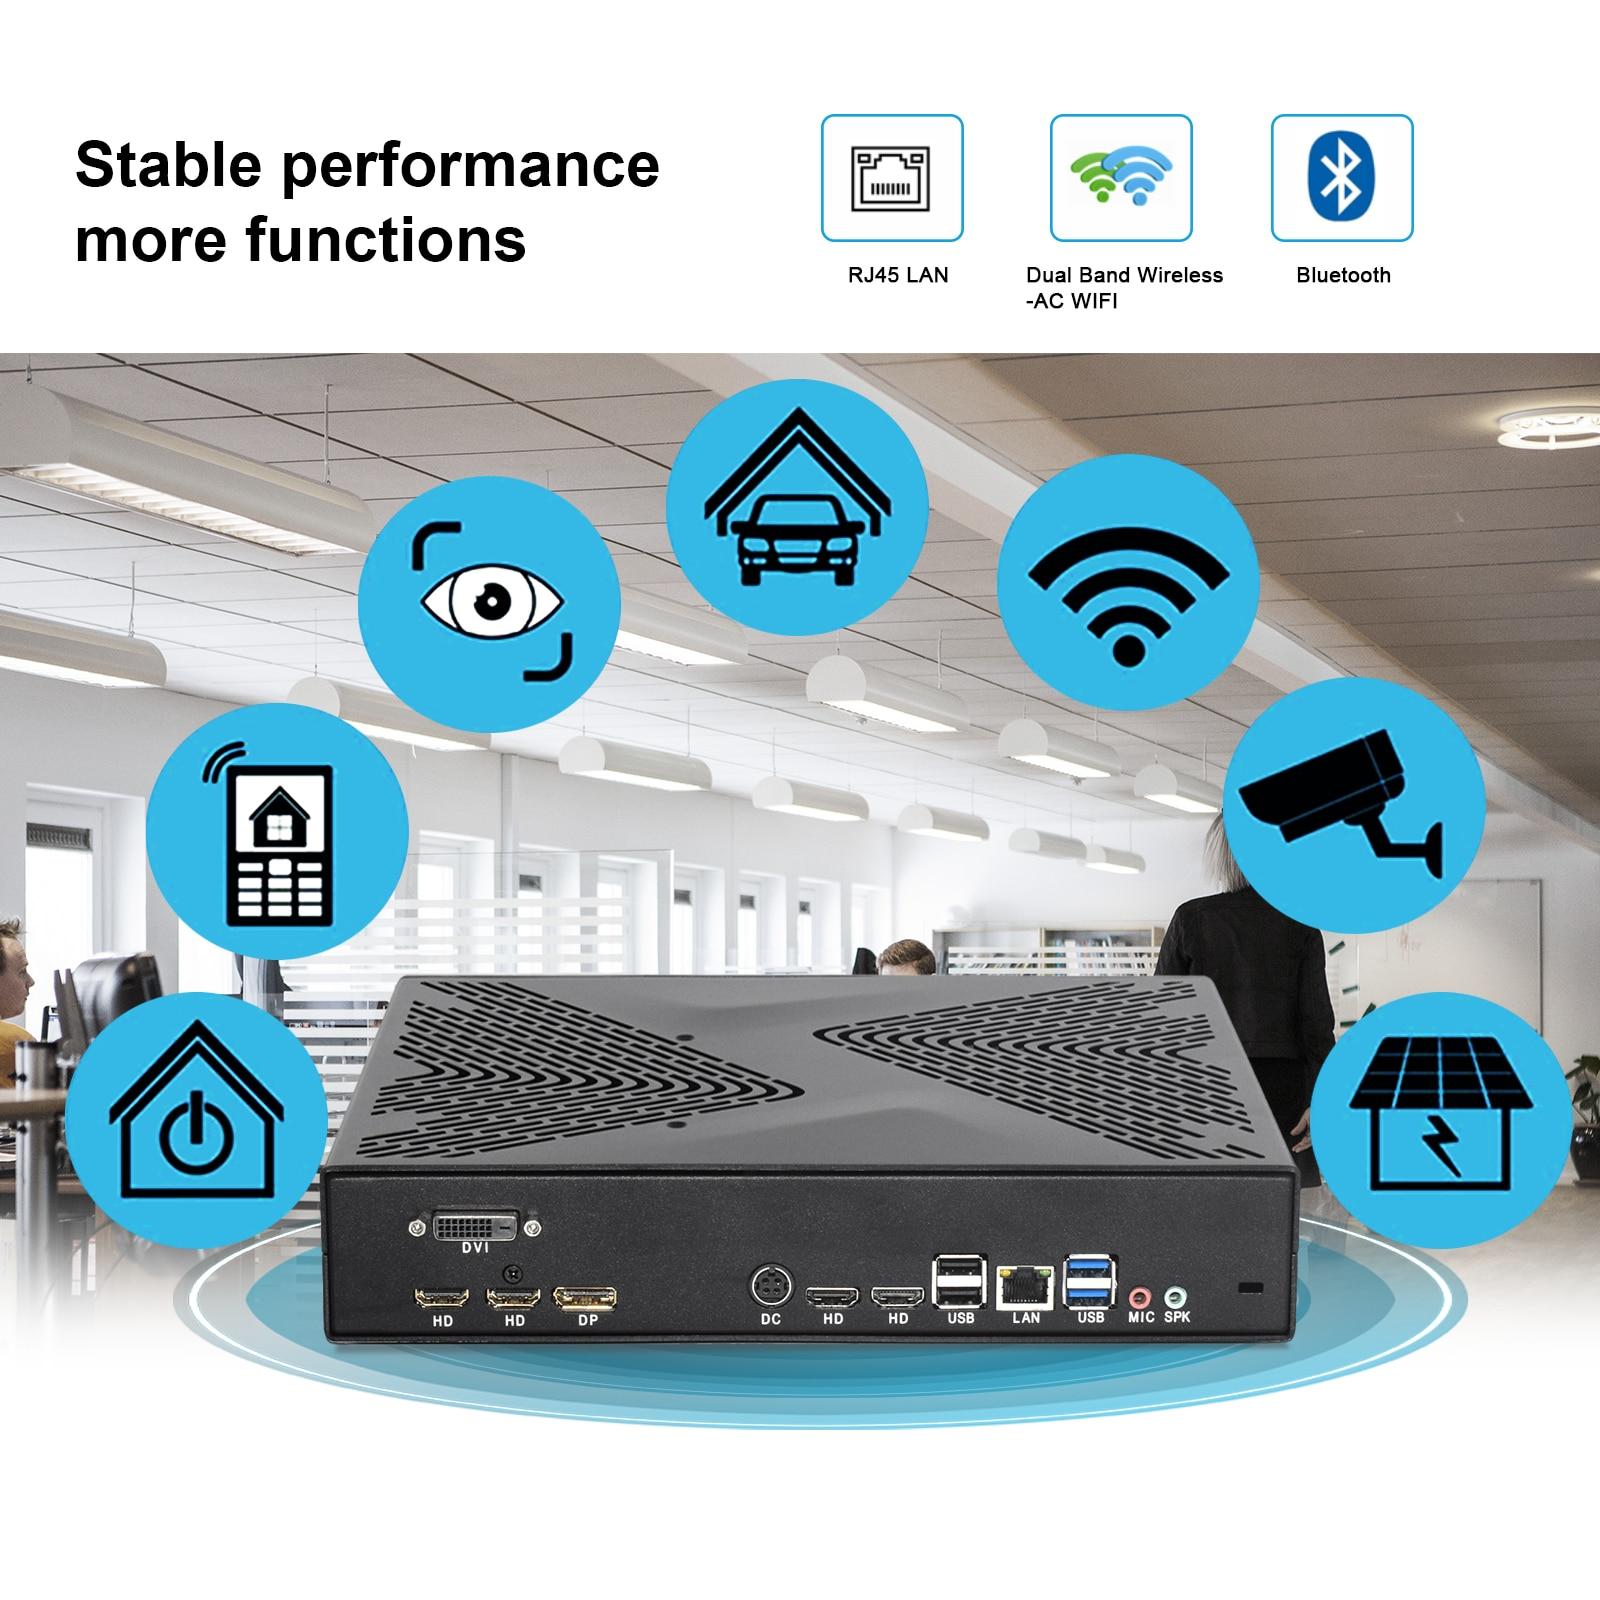 Factory Intel 9th Gen gamer computer GTX1650 4G Video card Core i7 i5 i3 processor mini PC Mutil HDMI DVI DP 8K M.2 Wifi AC